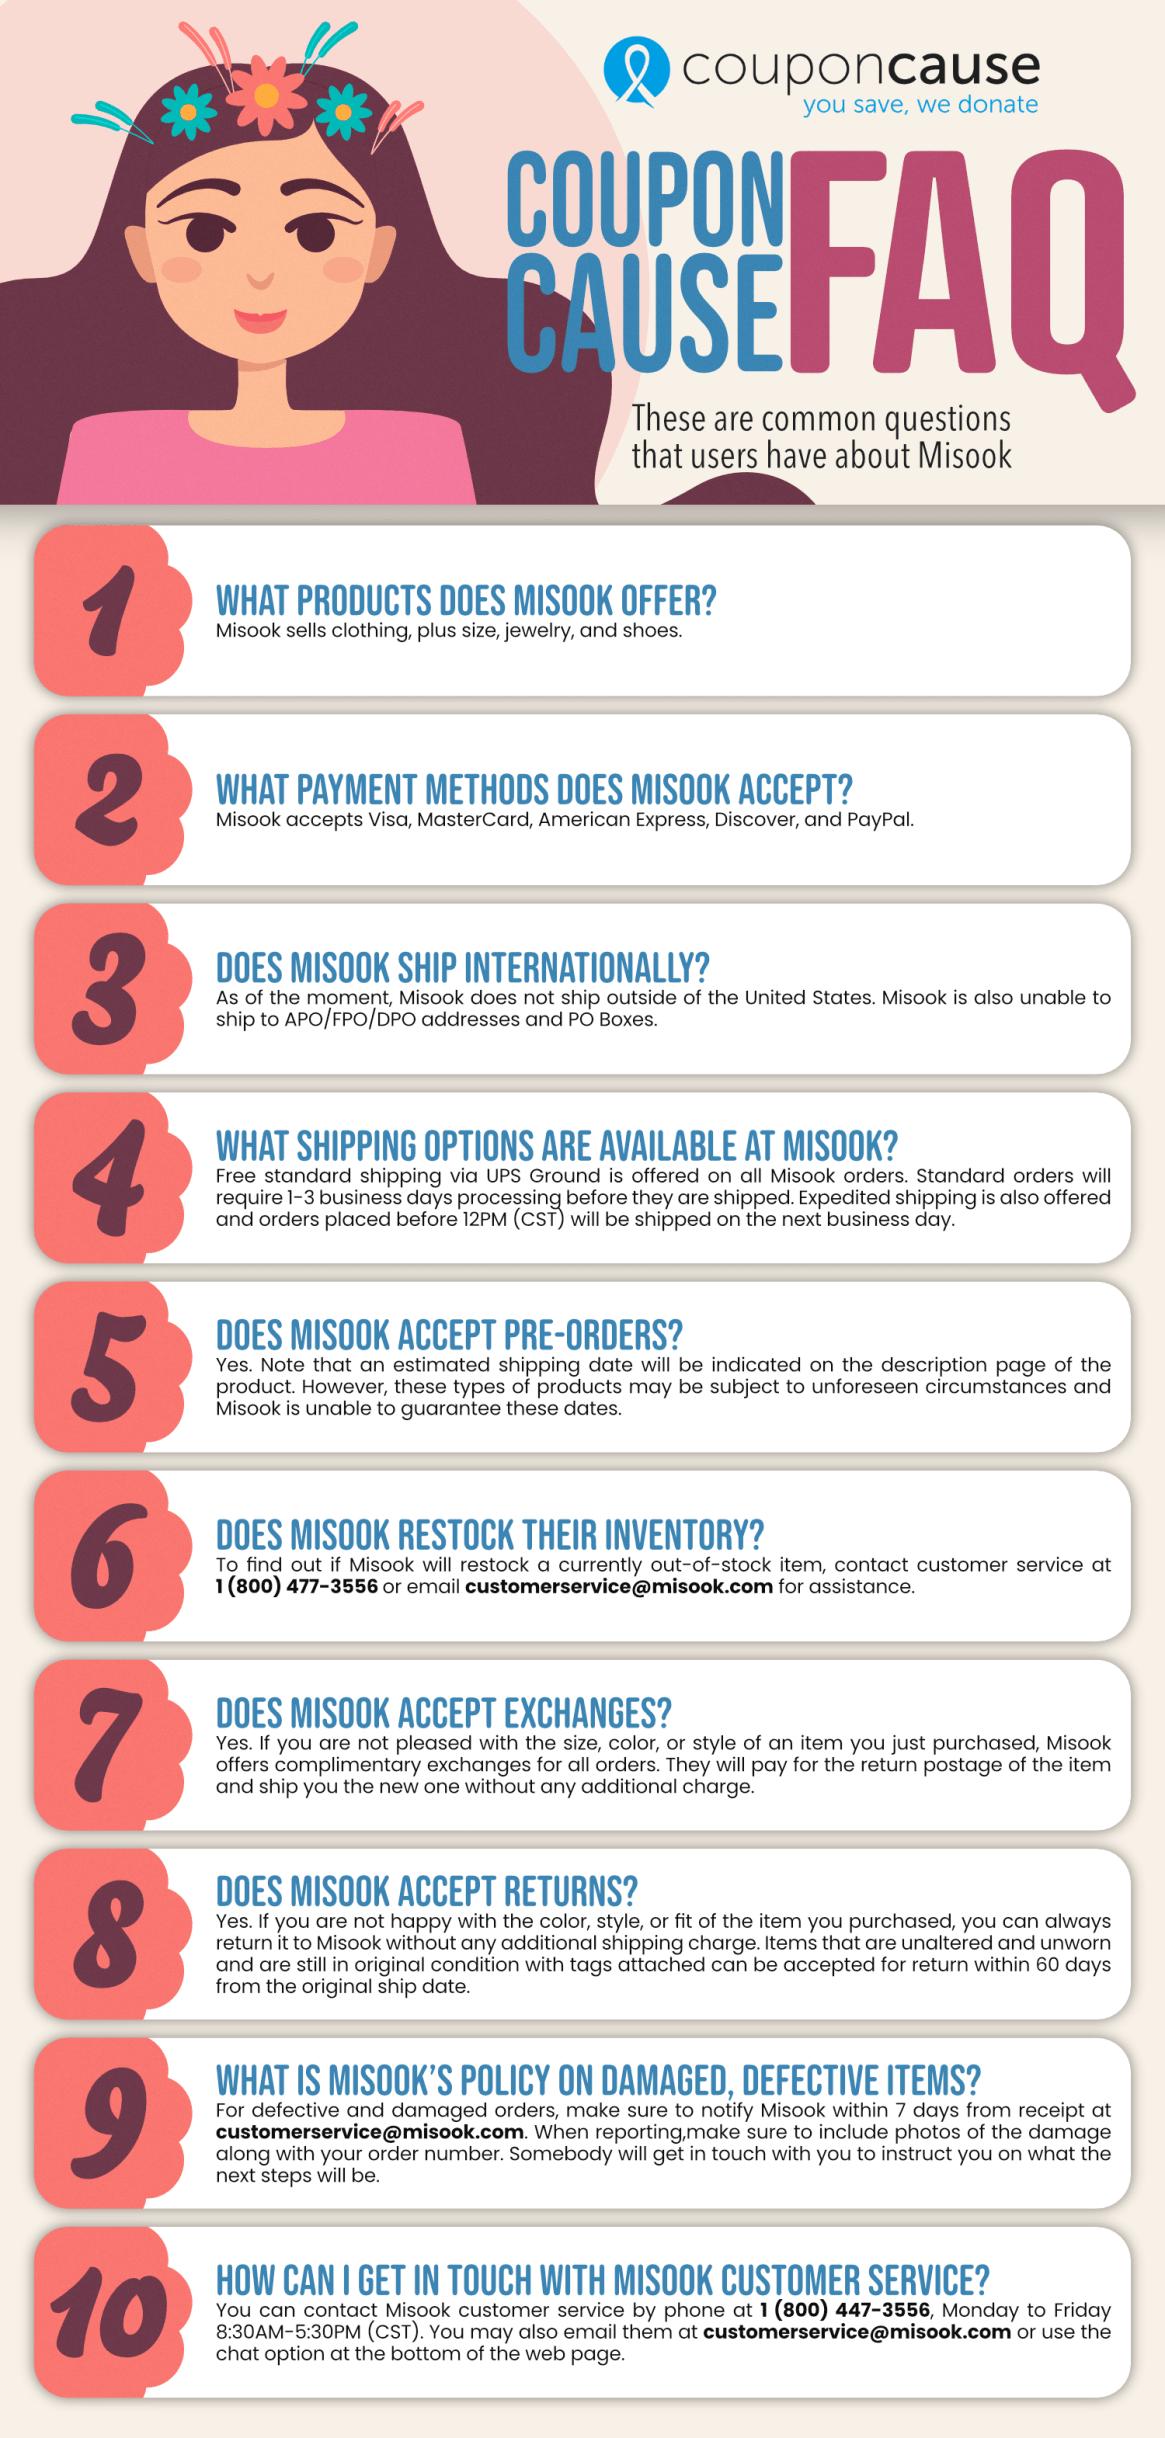 Misook Infographic Order Coupon Cause FAQ (C.C. FAQ)